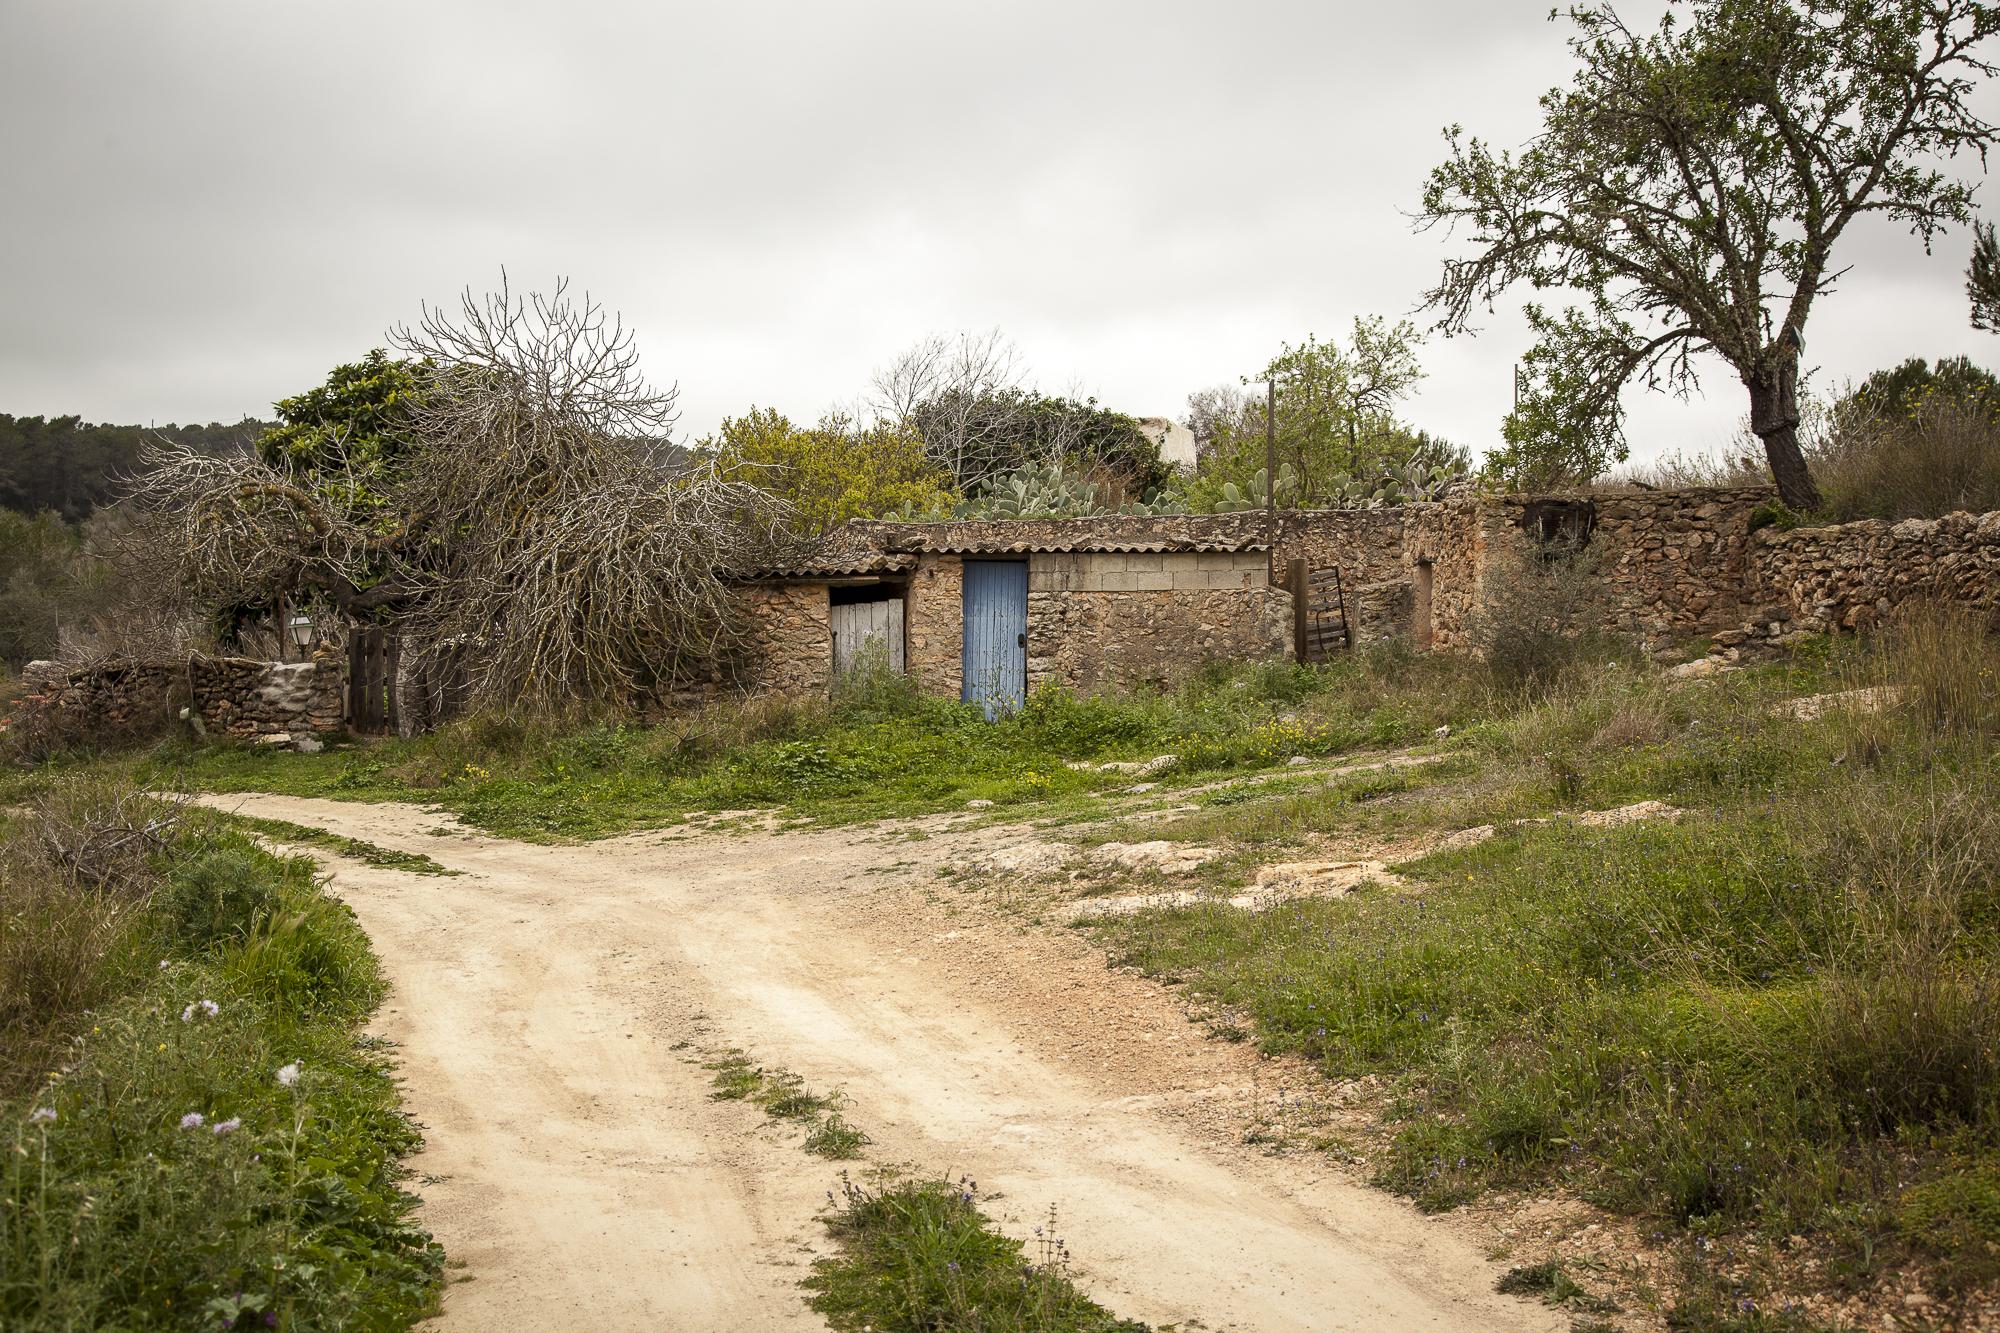 Urban plot  Calle venda de benirras, 109. Prestigio, tranquilidad e intimidad absoluta: terreno rústico ed